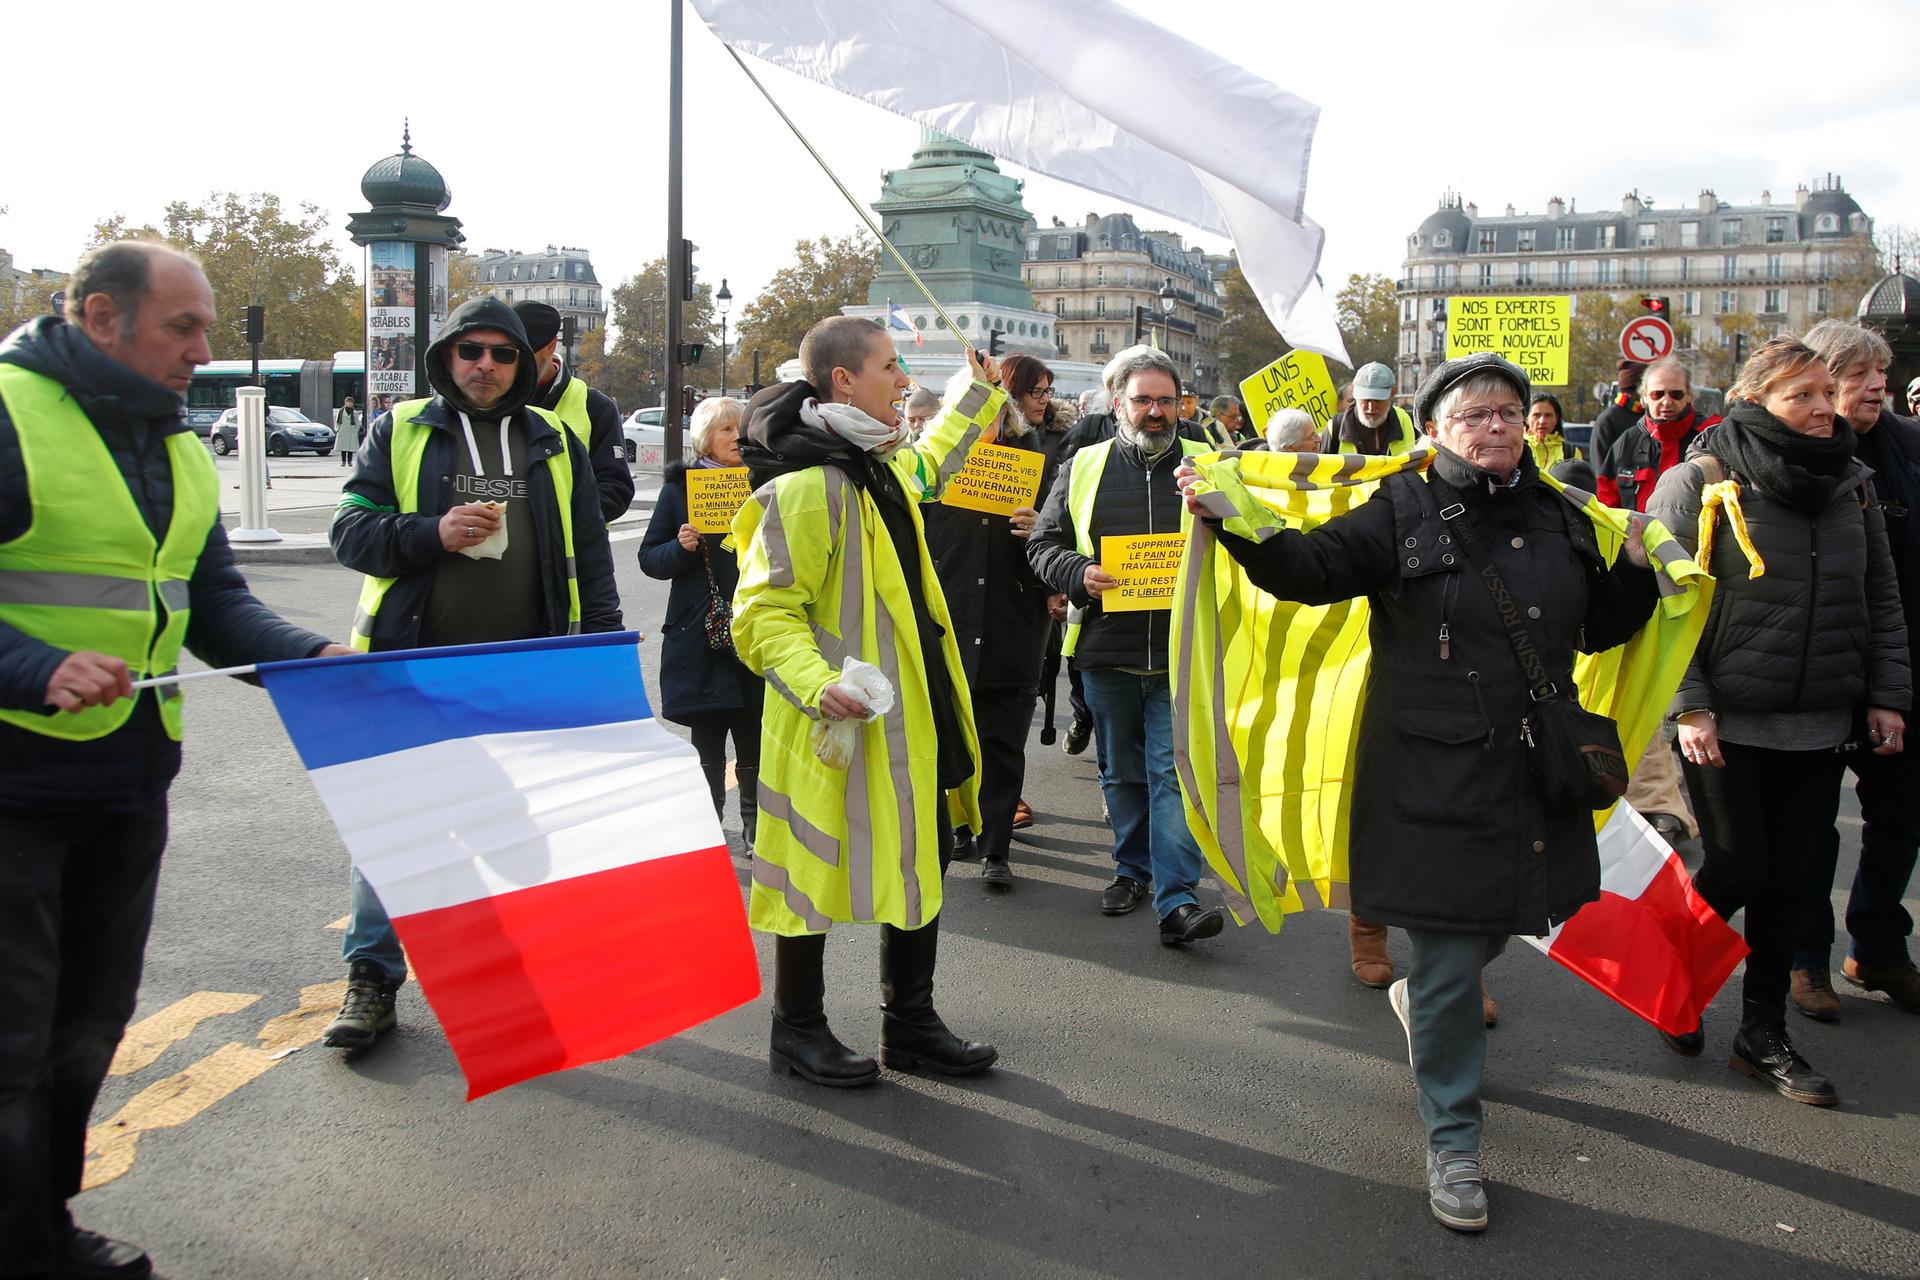 «Серьёзный вызов правительству»: смогут ли французы добиться отмены непопулярных реформ